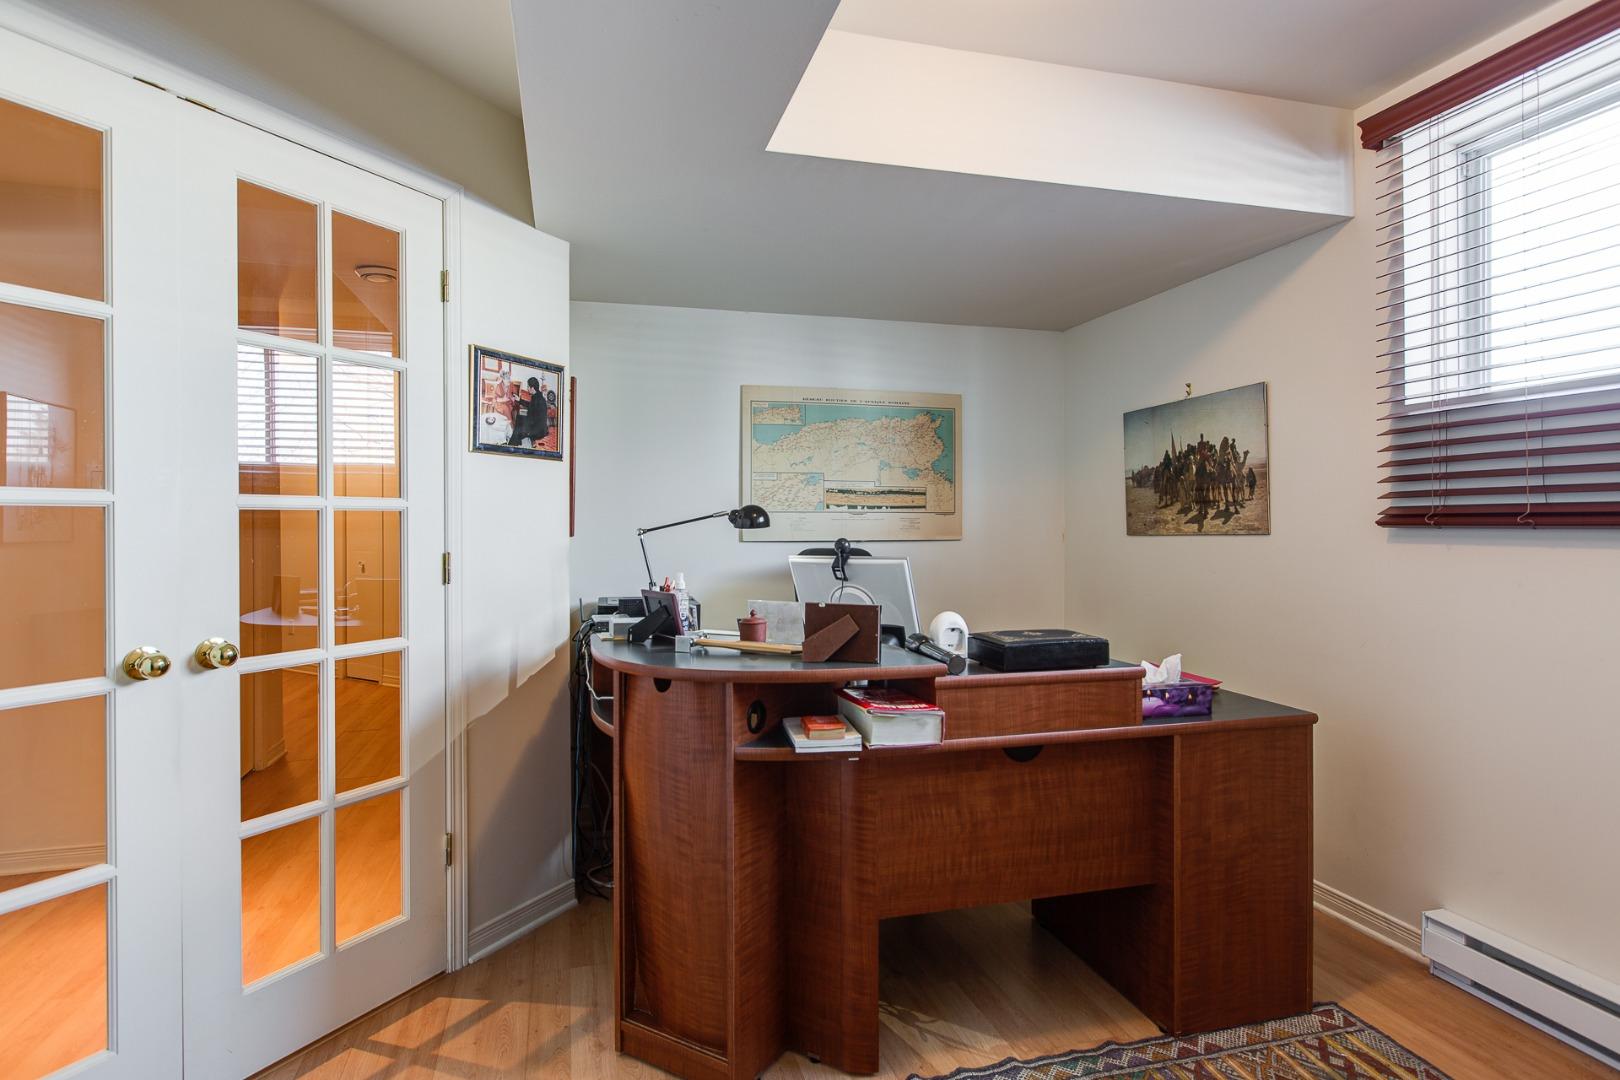 Maison à vendre Laval Fabreville - Bureau ou chambre à coucher